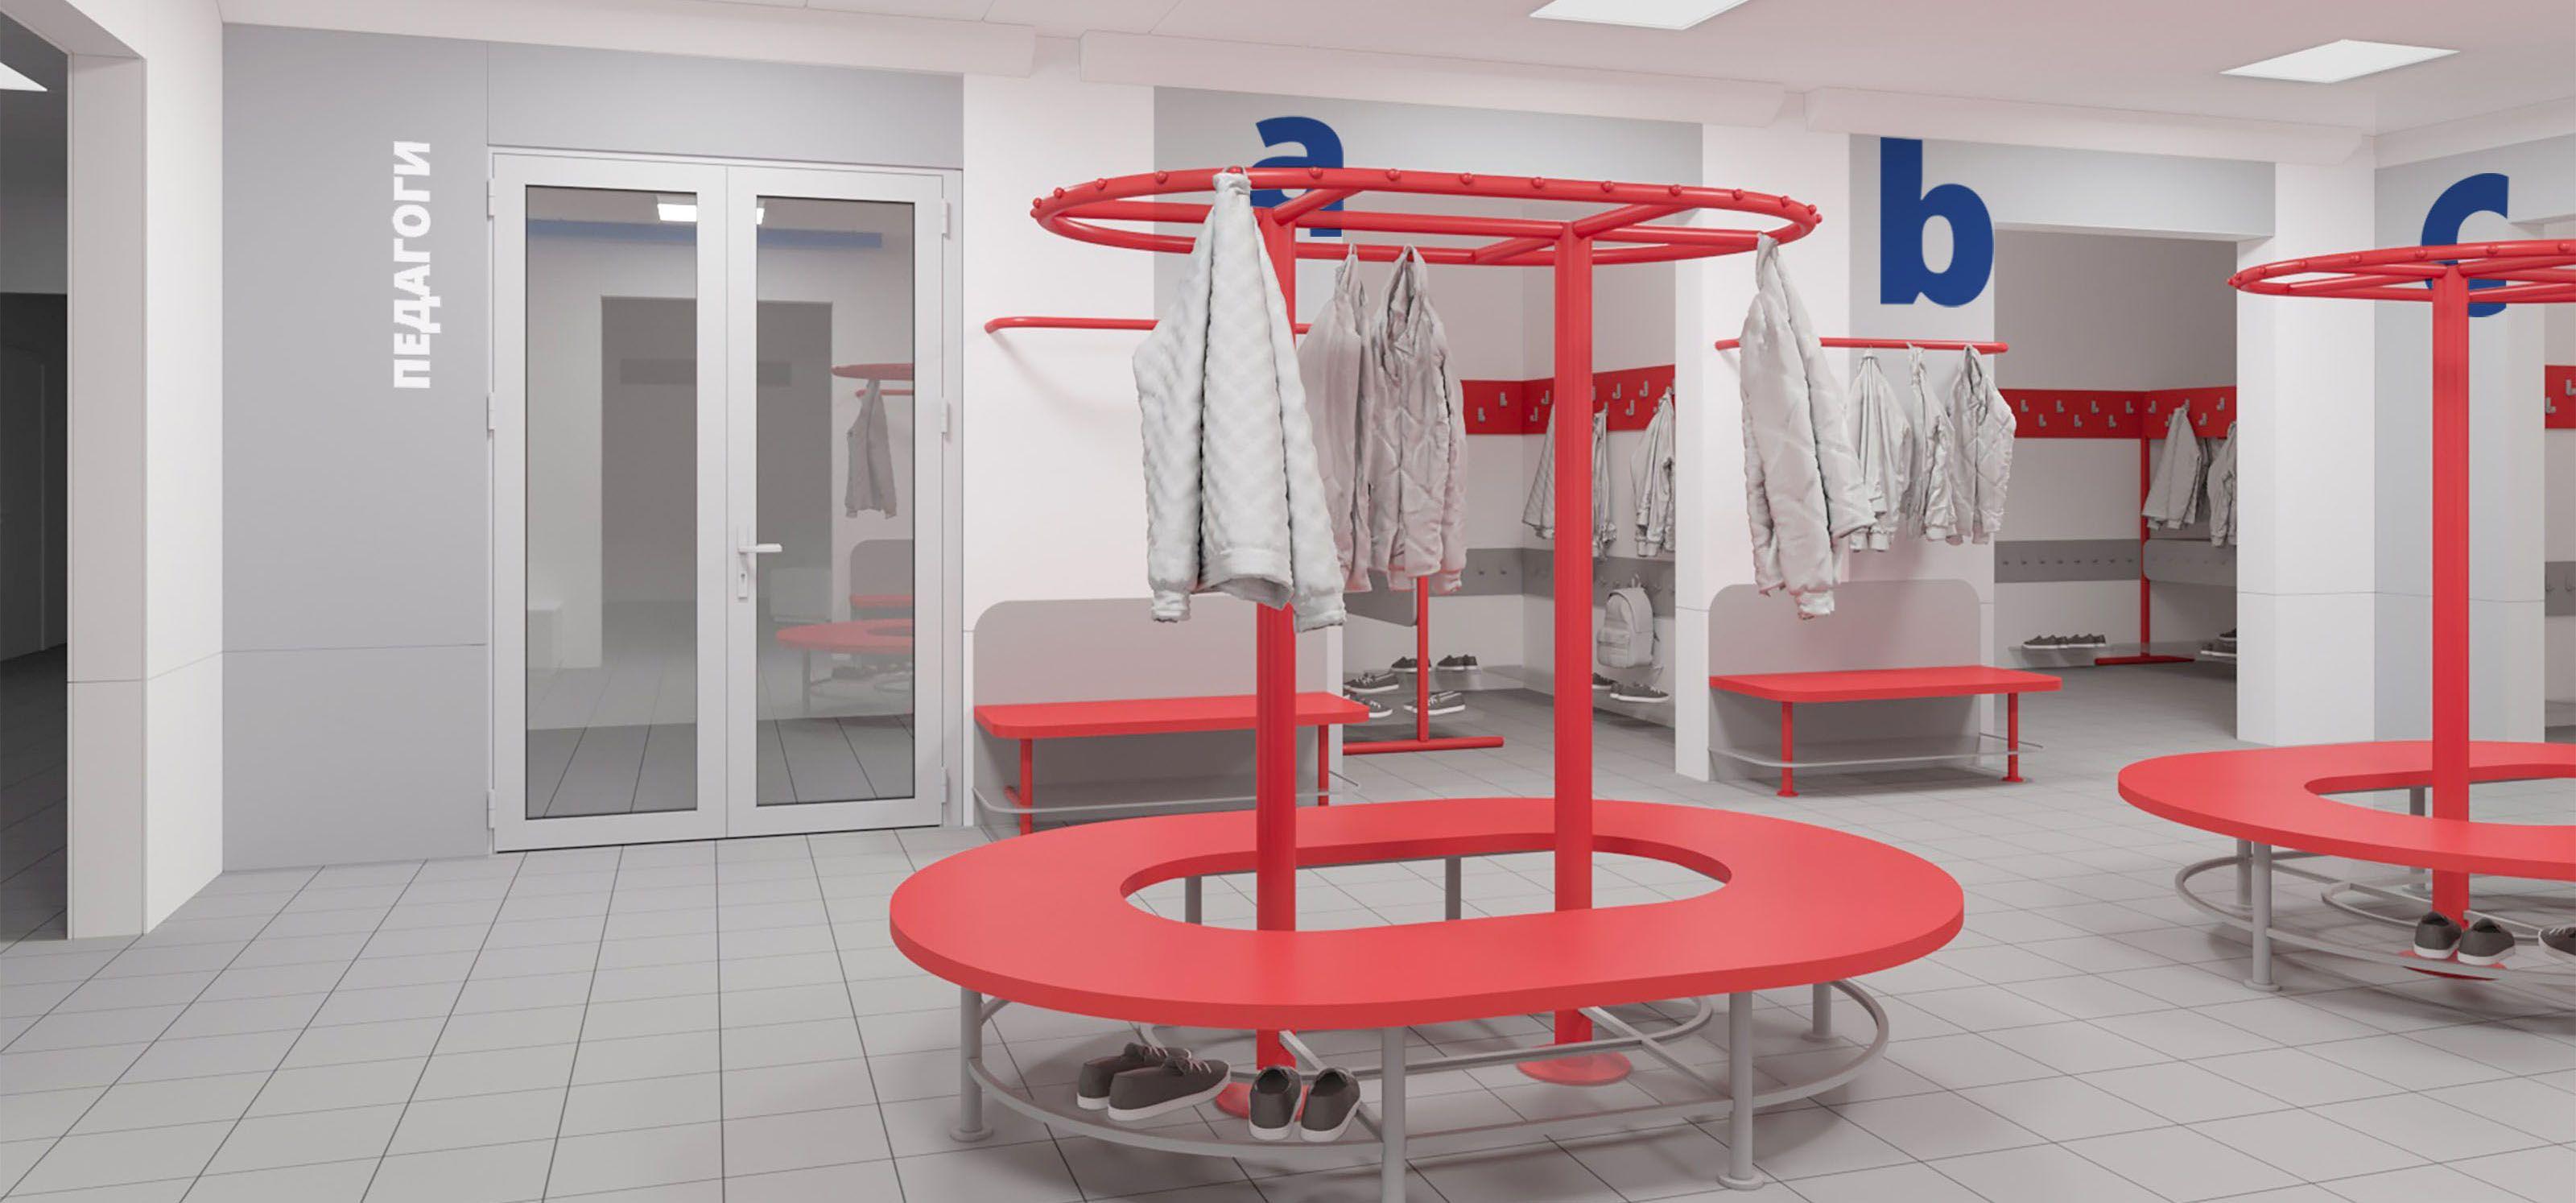 Зонирование гардероба школы. новая планировка устаревшего пространства